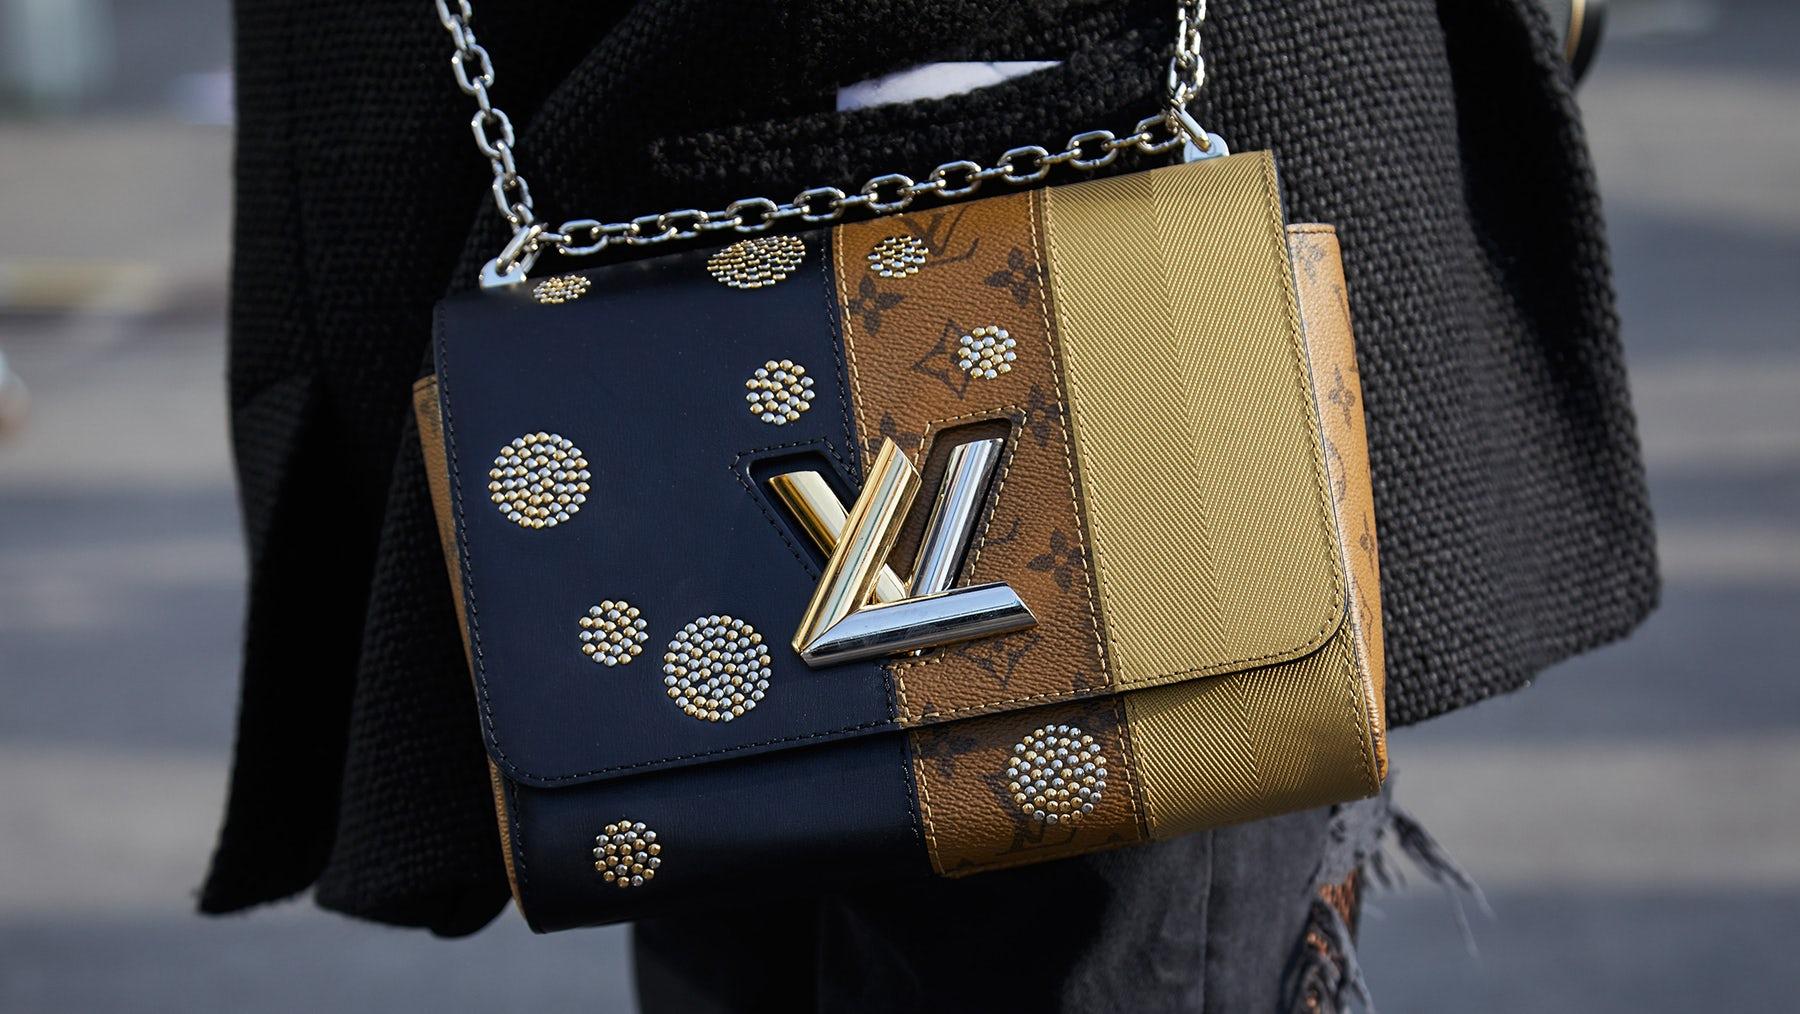 Louis Vuitton handbag | Source: Shutterstock